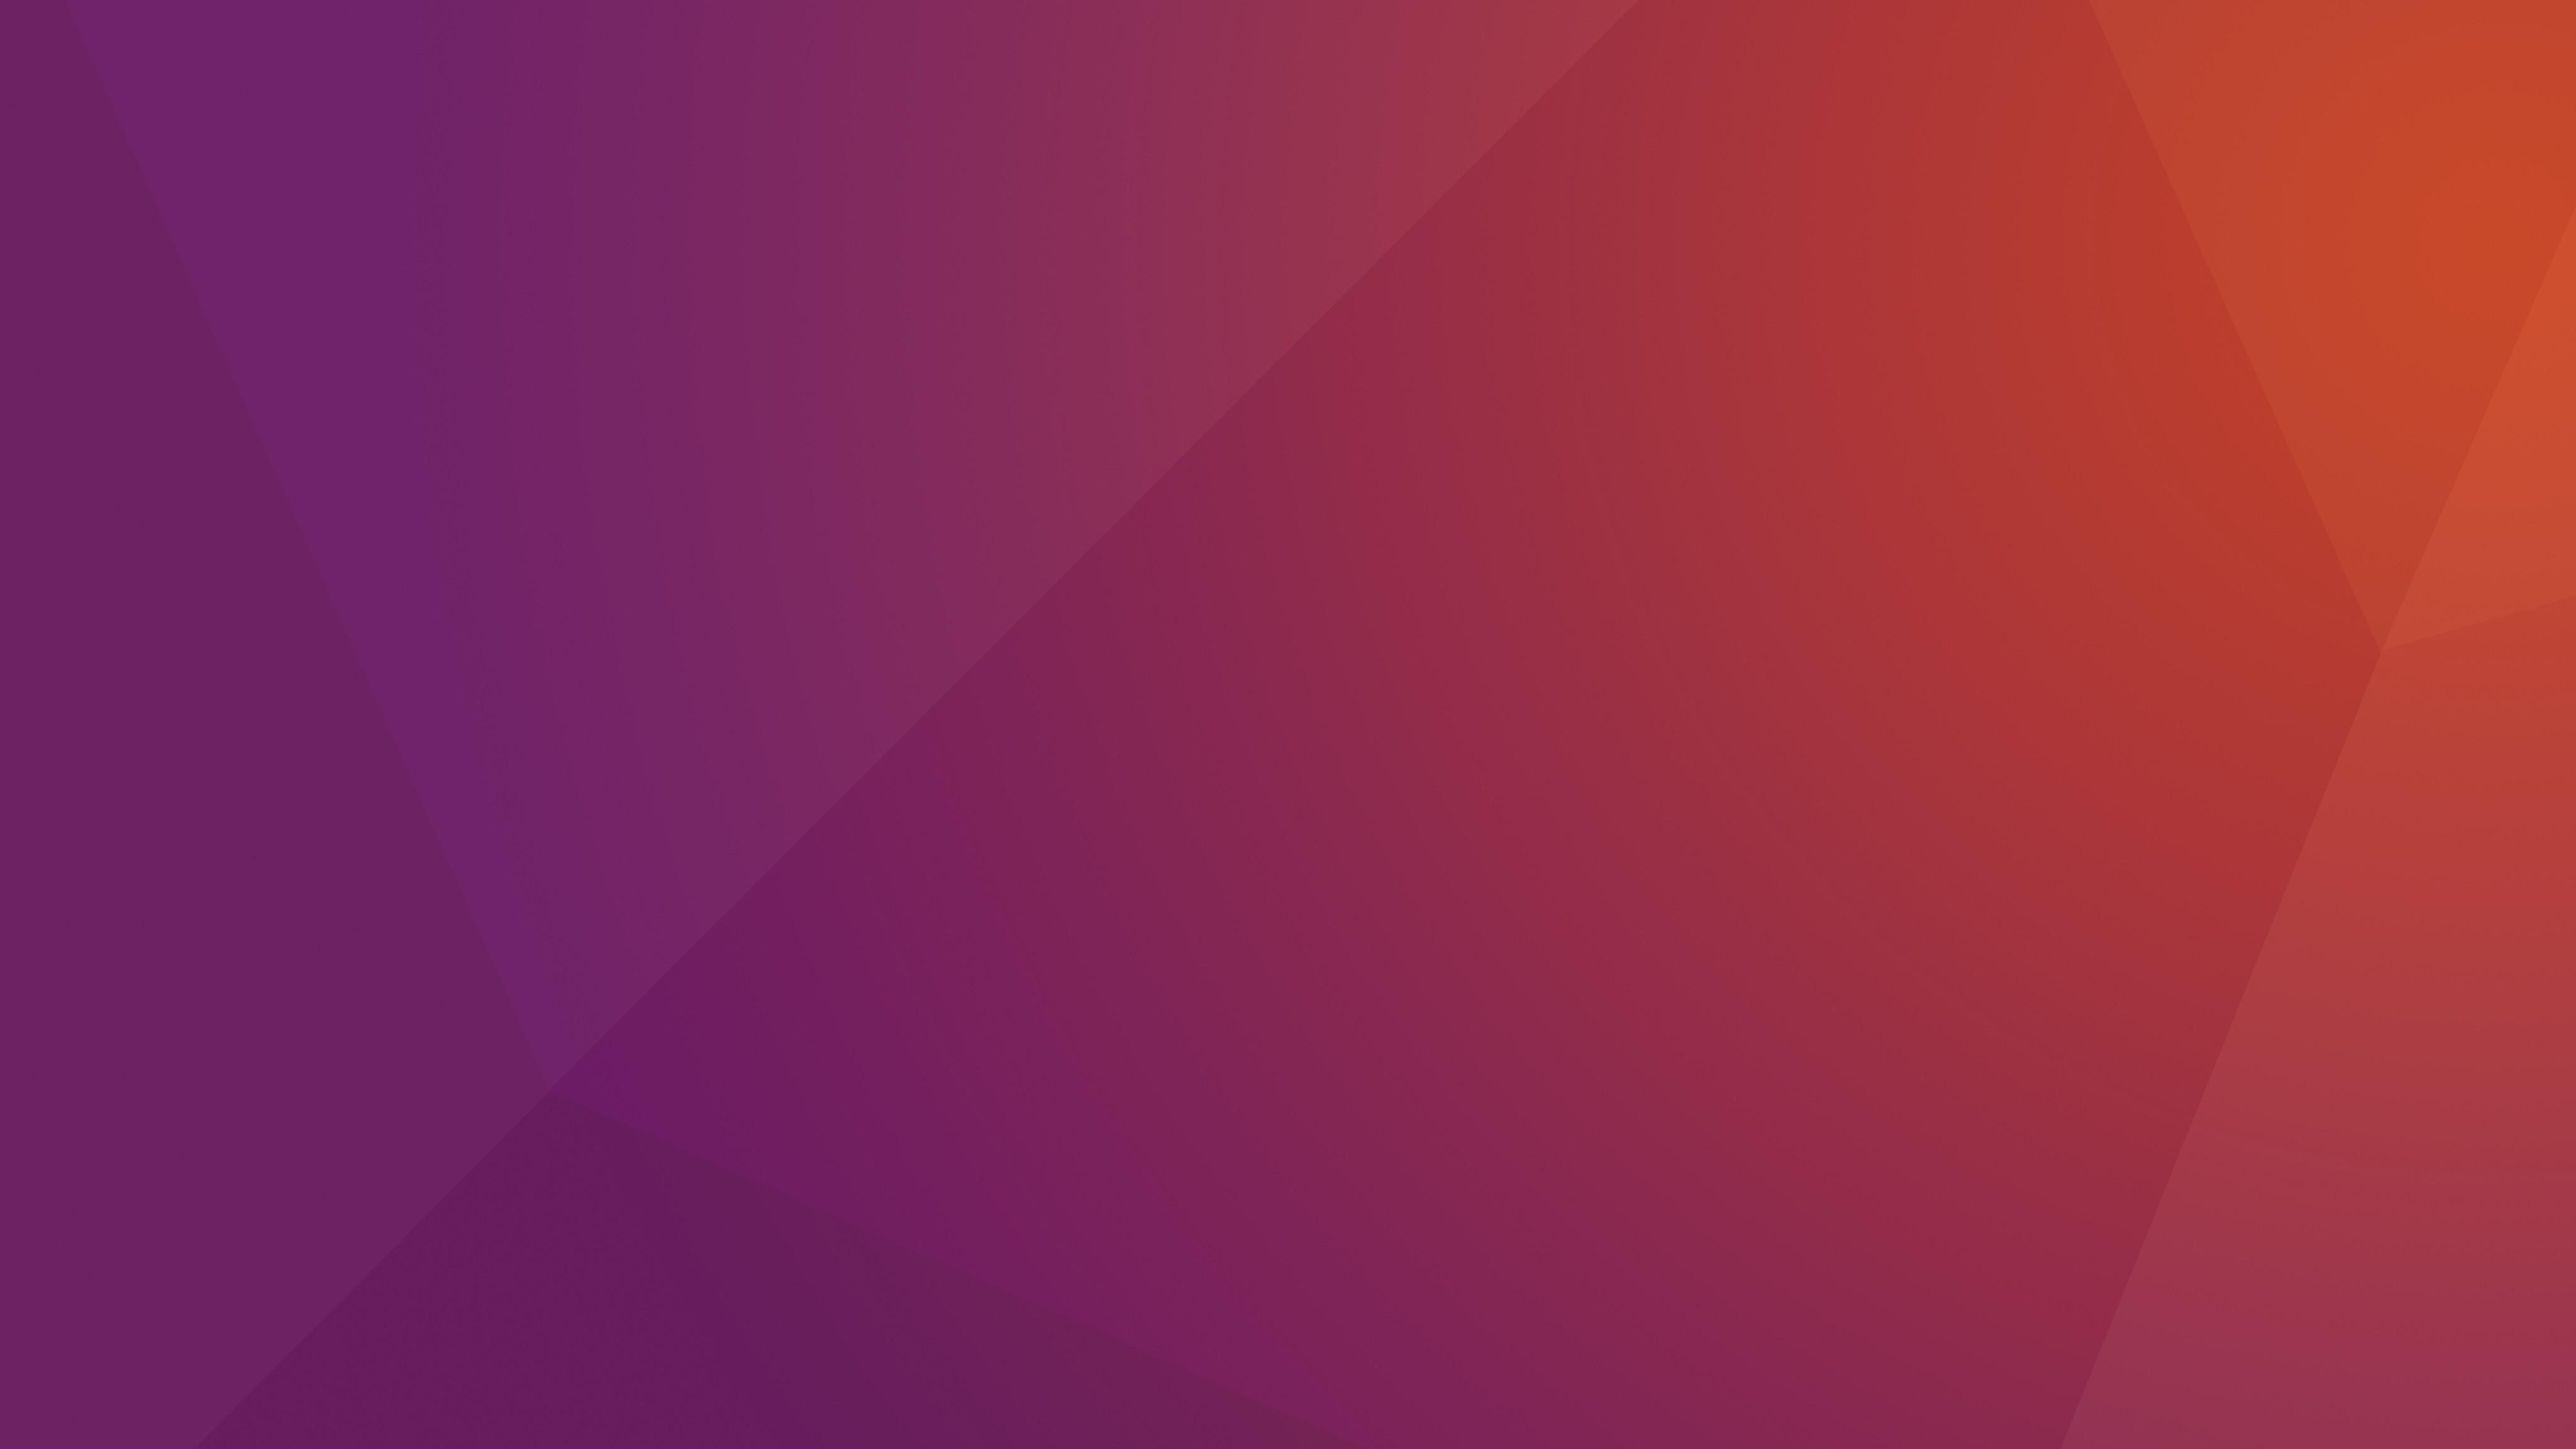 Ubuntu 16.04 default desktop wallpaper